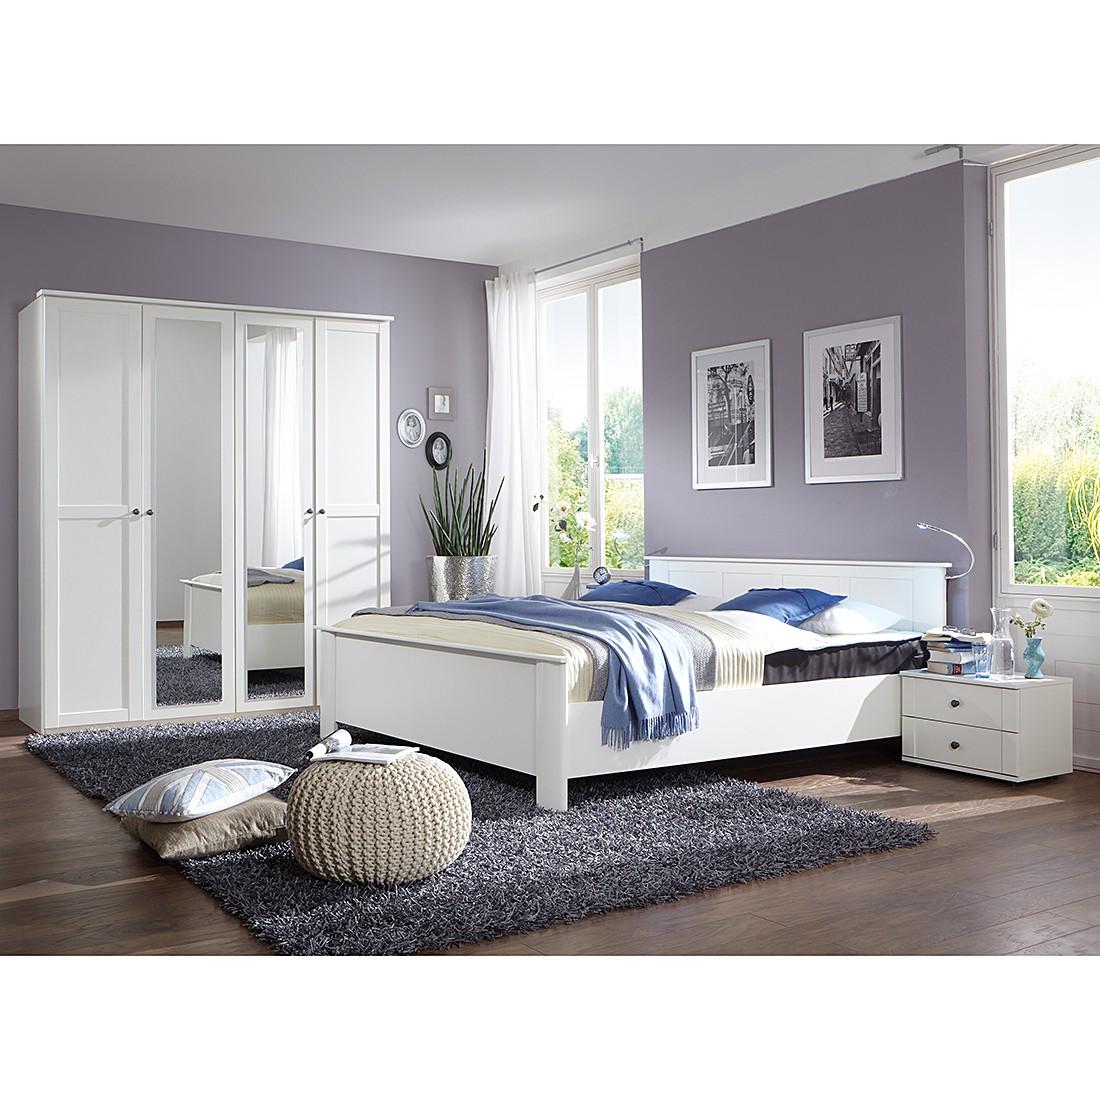 Slaapkamerset Holy White (3-delig) 180 x 200cm, Rauch Packs Vanaf € ...